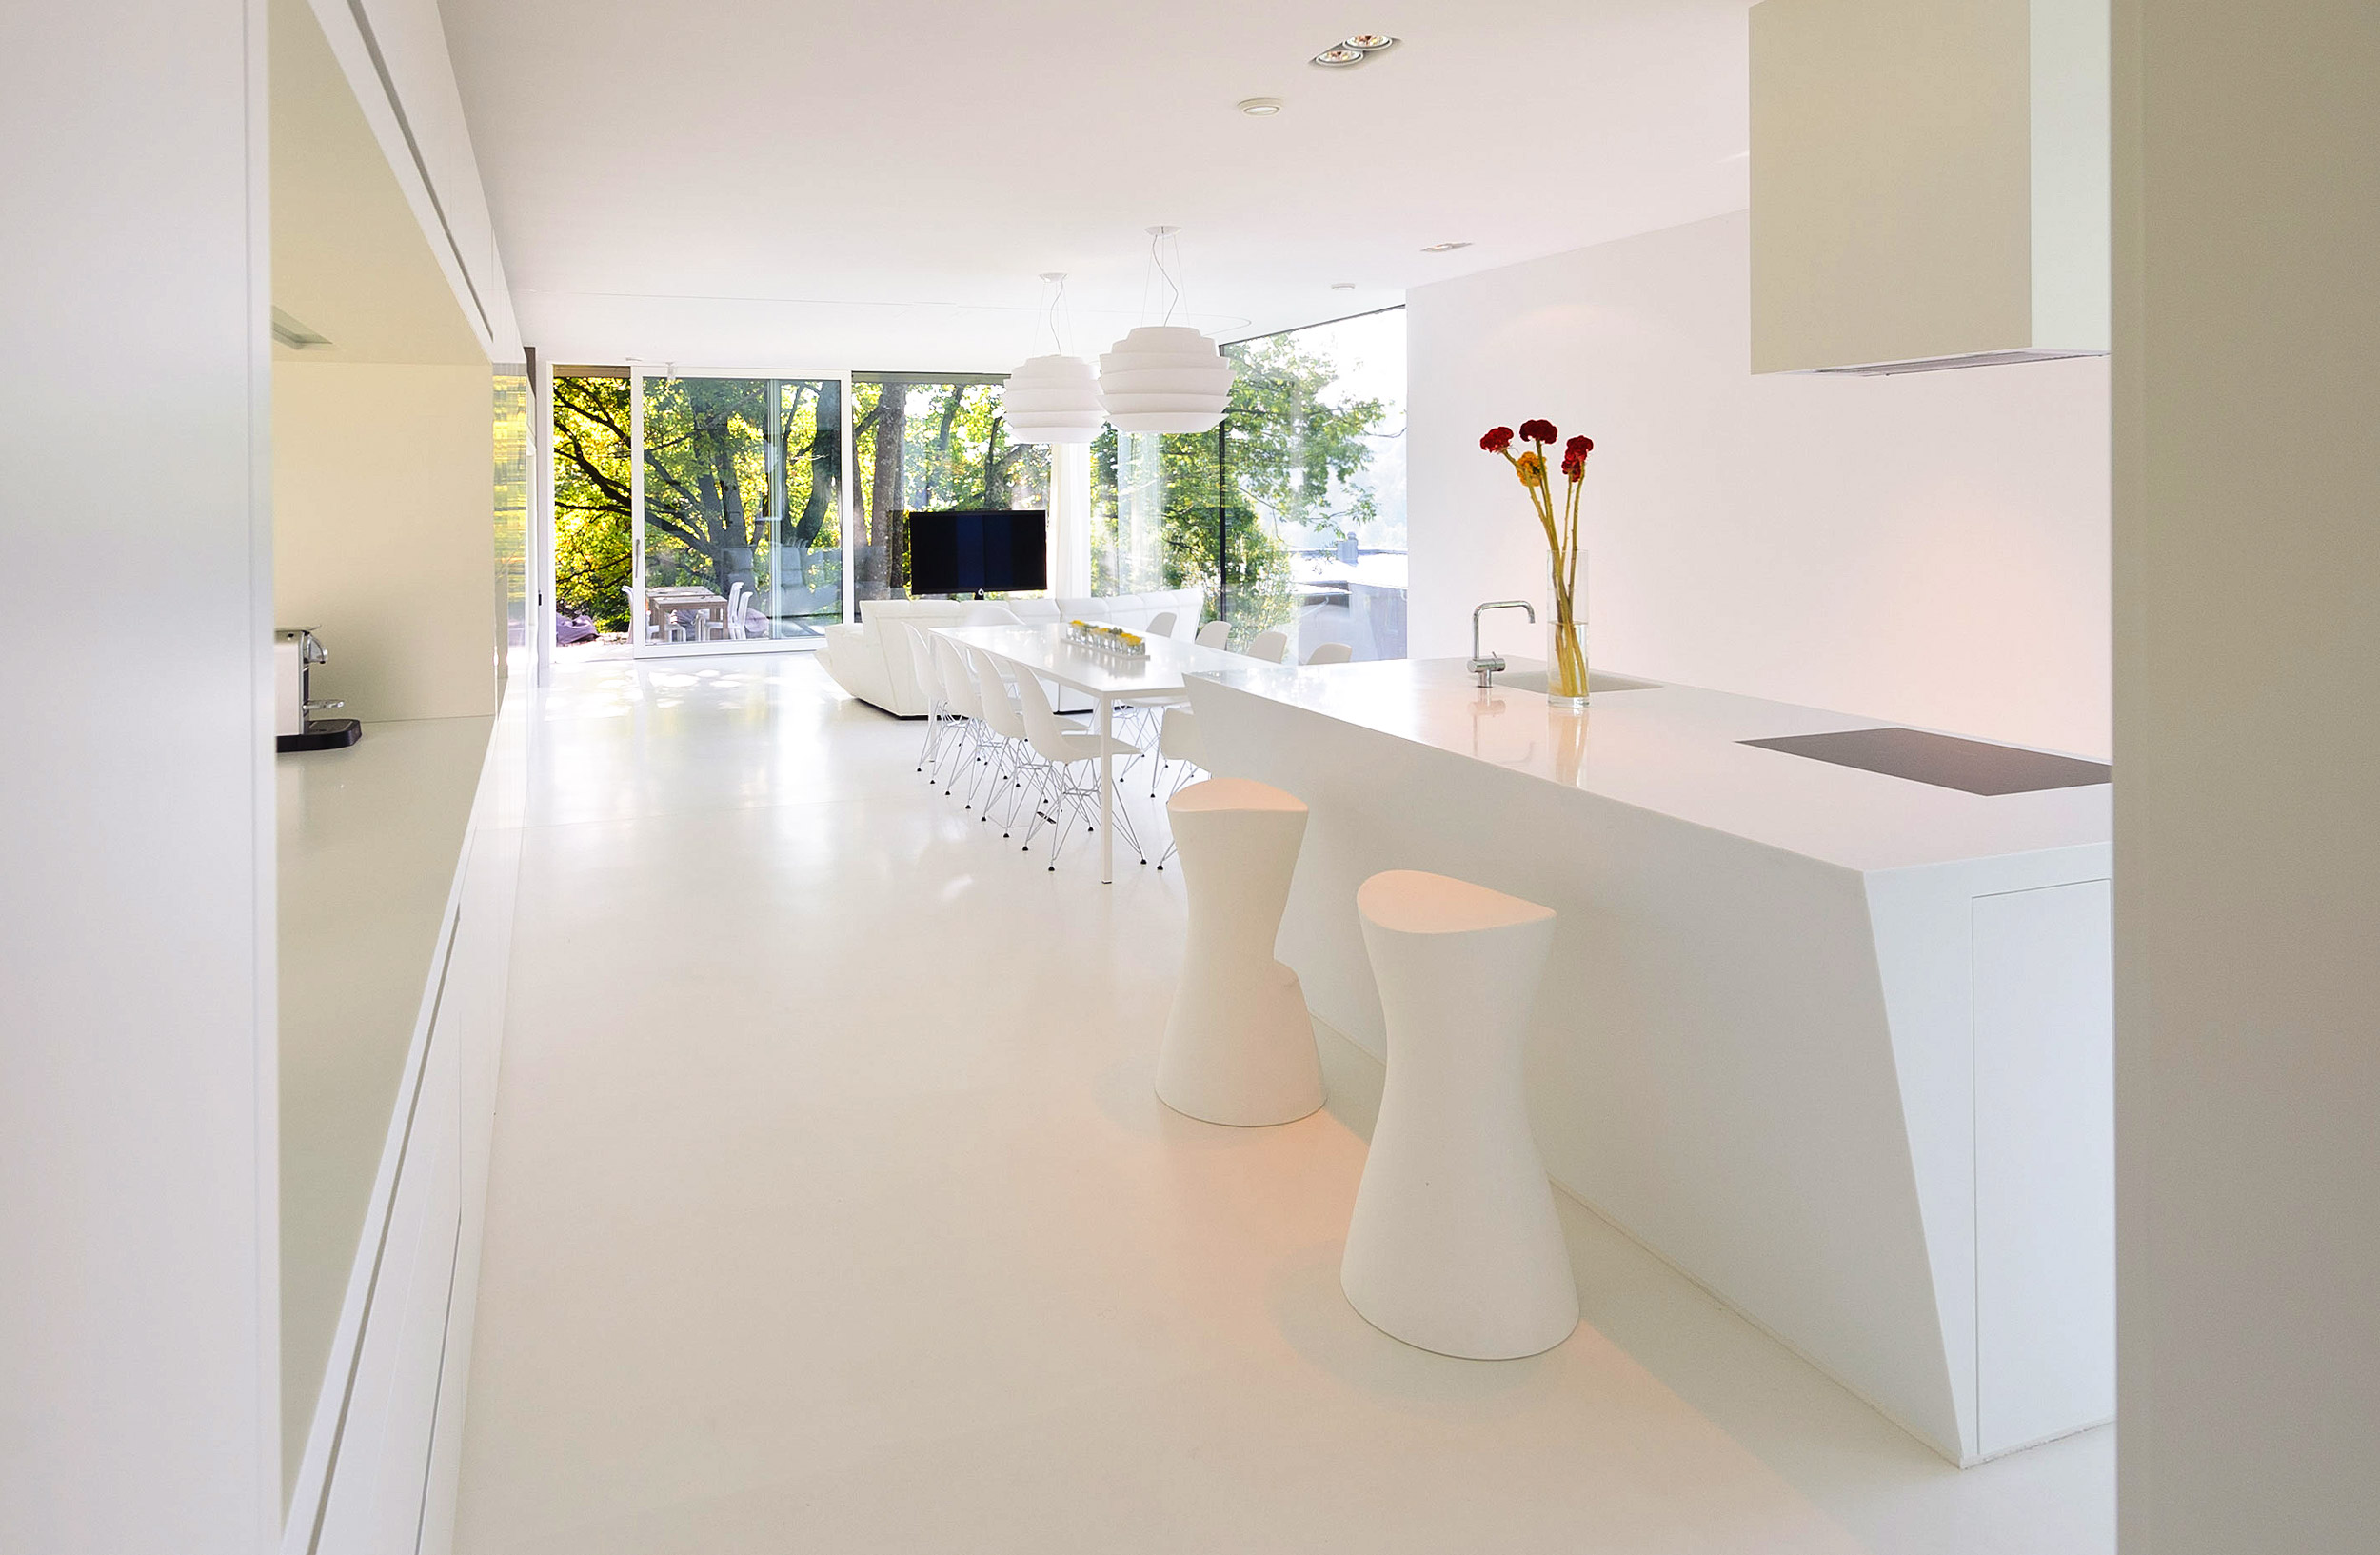 Sehr Kunstharzboden im Wohnbereich | Bautenschutz Melcher FI99